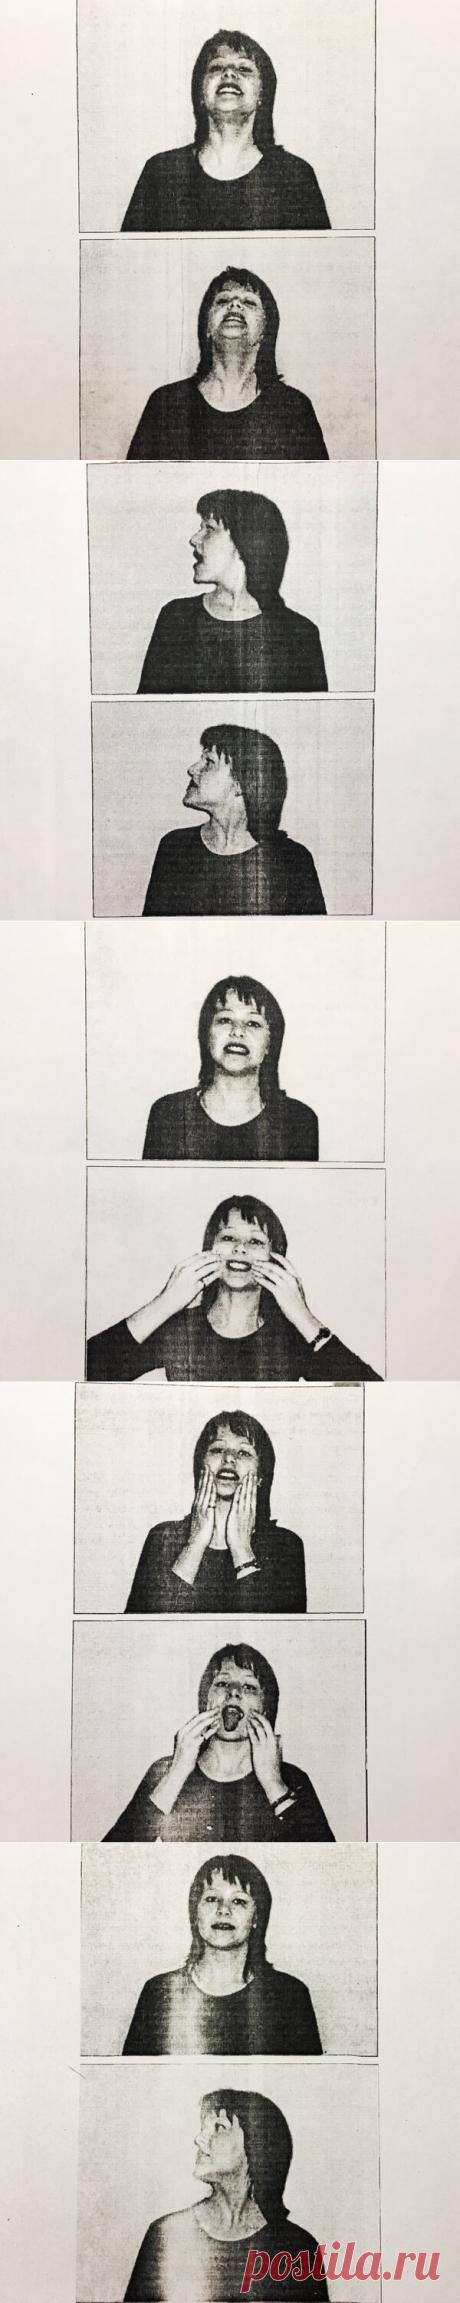 Убираем брыли, второй подбородок, морщины на шее и подтягиваем овал лица | БЮДЖЕТНАЯ КОСМЕТИЧКА | Яндекс Дзен